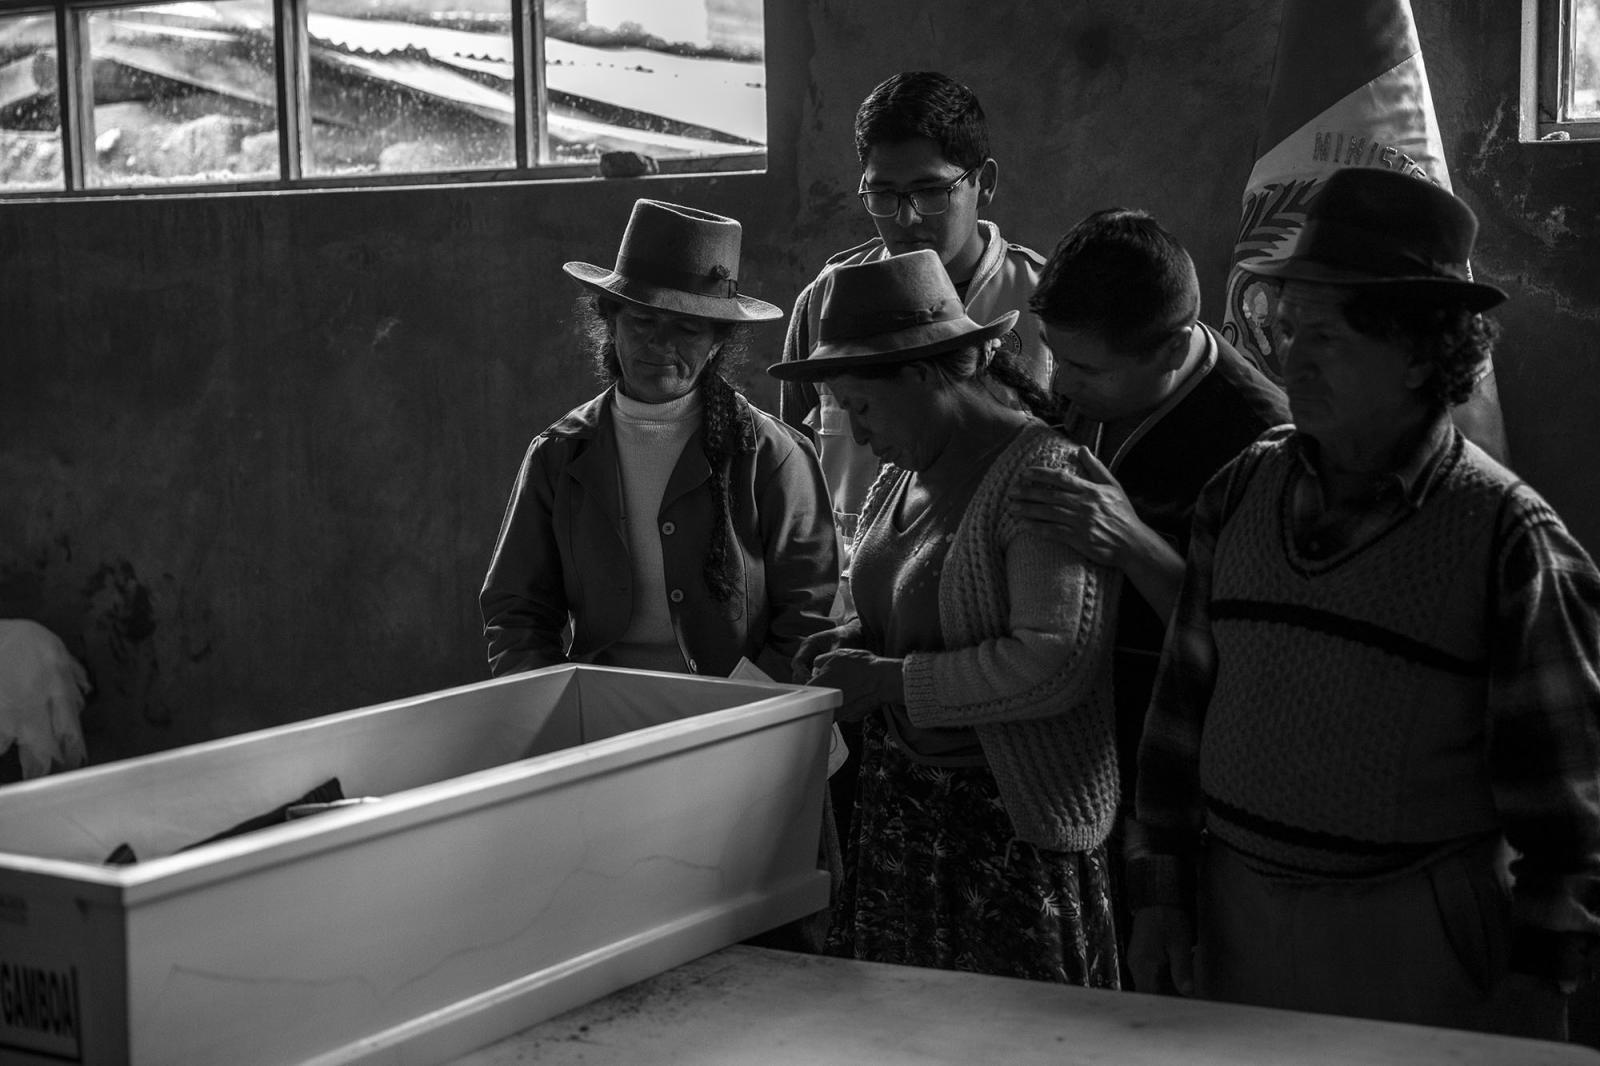 Familiares de Arquimides Rua Gamboa, durante el armado de los restos óseos por parte del ministerio publico.